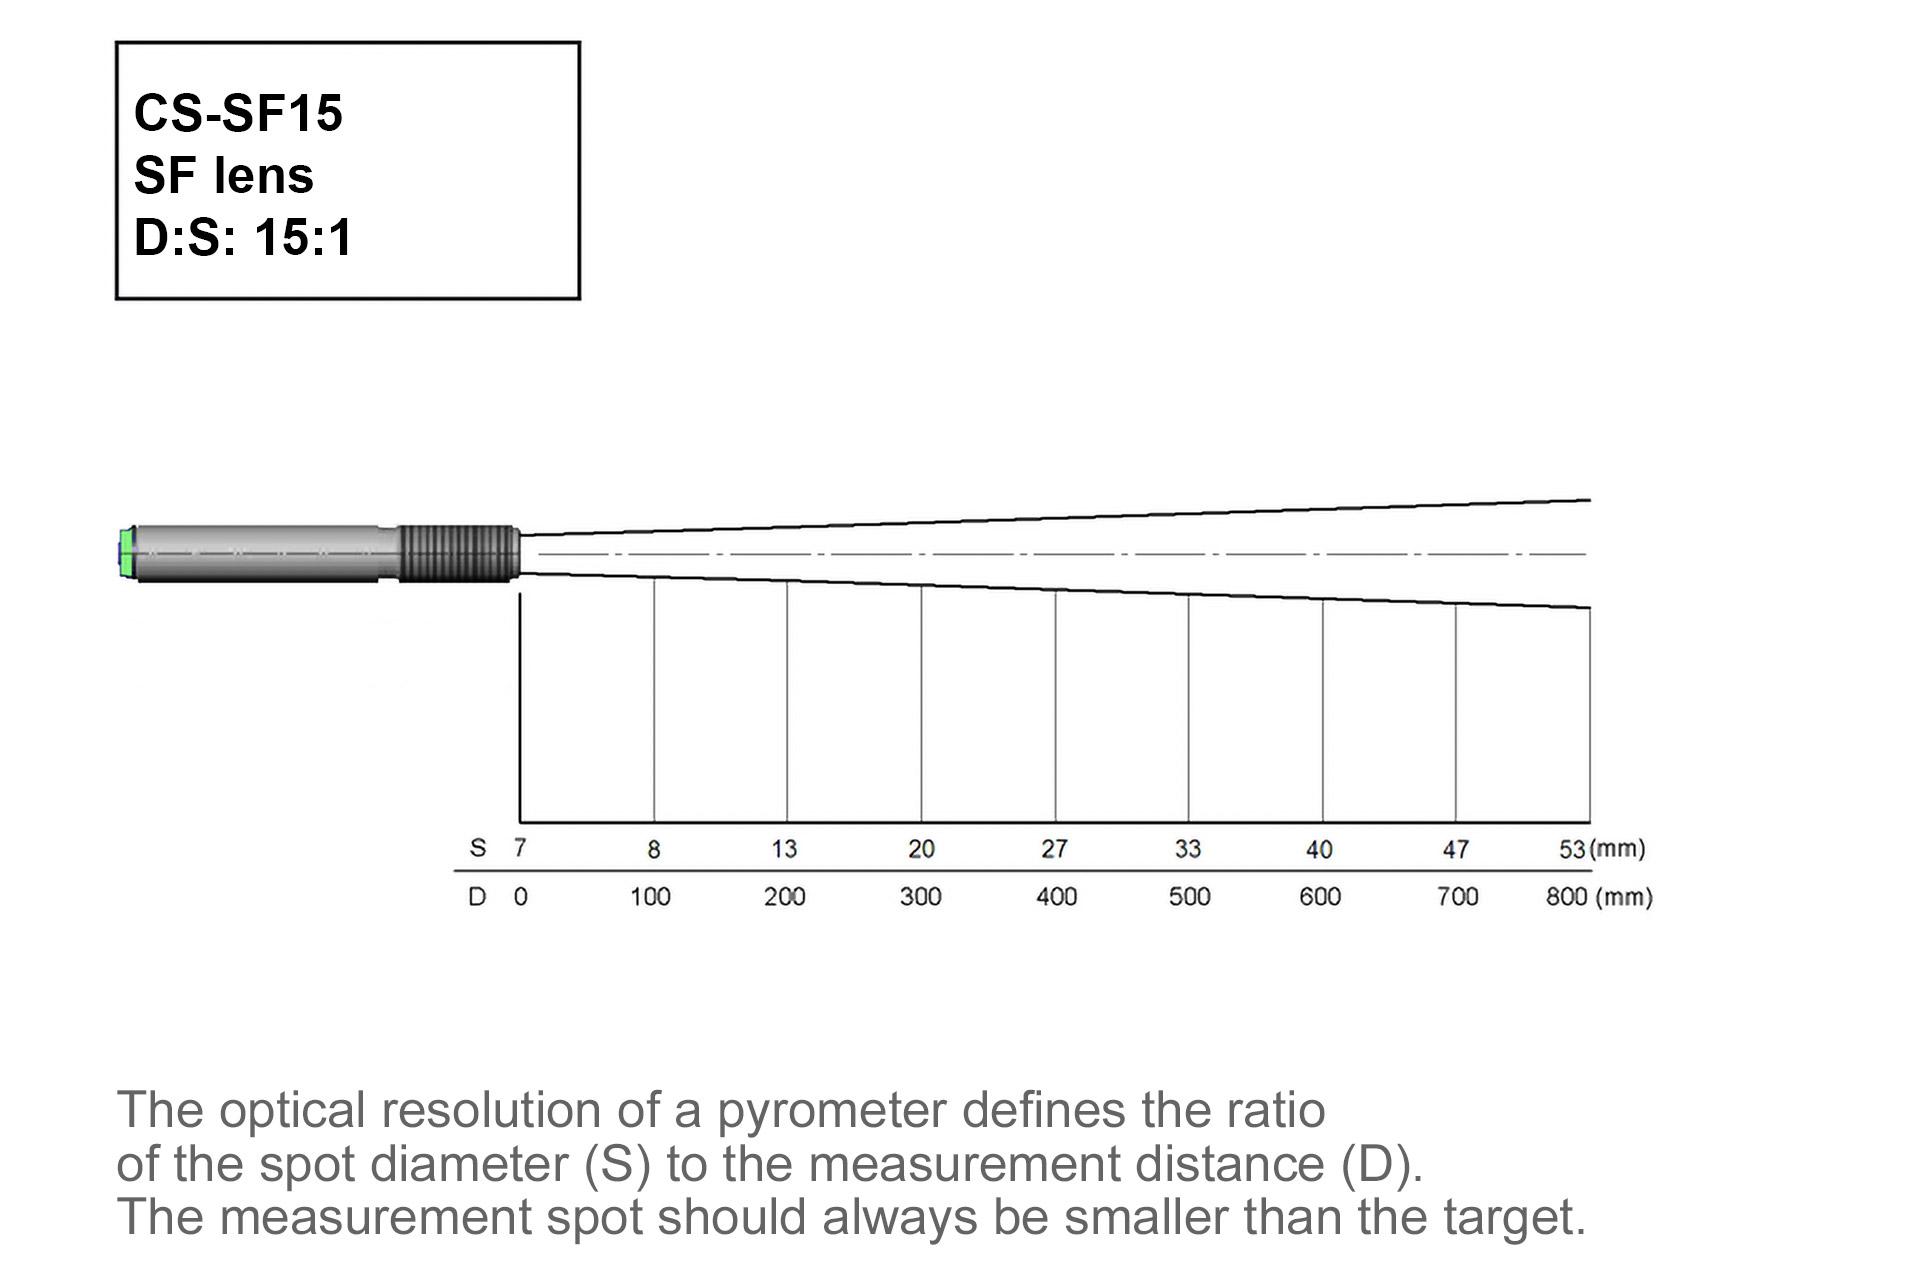 Miniatur-Pyrometer CS-SF15-C1